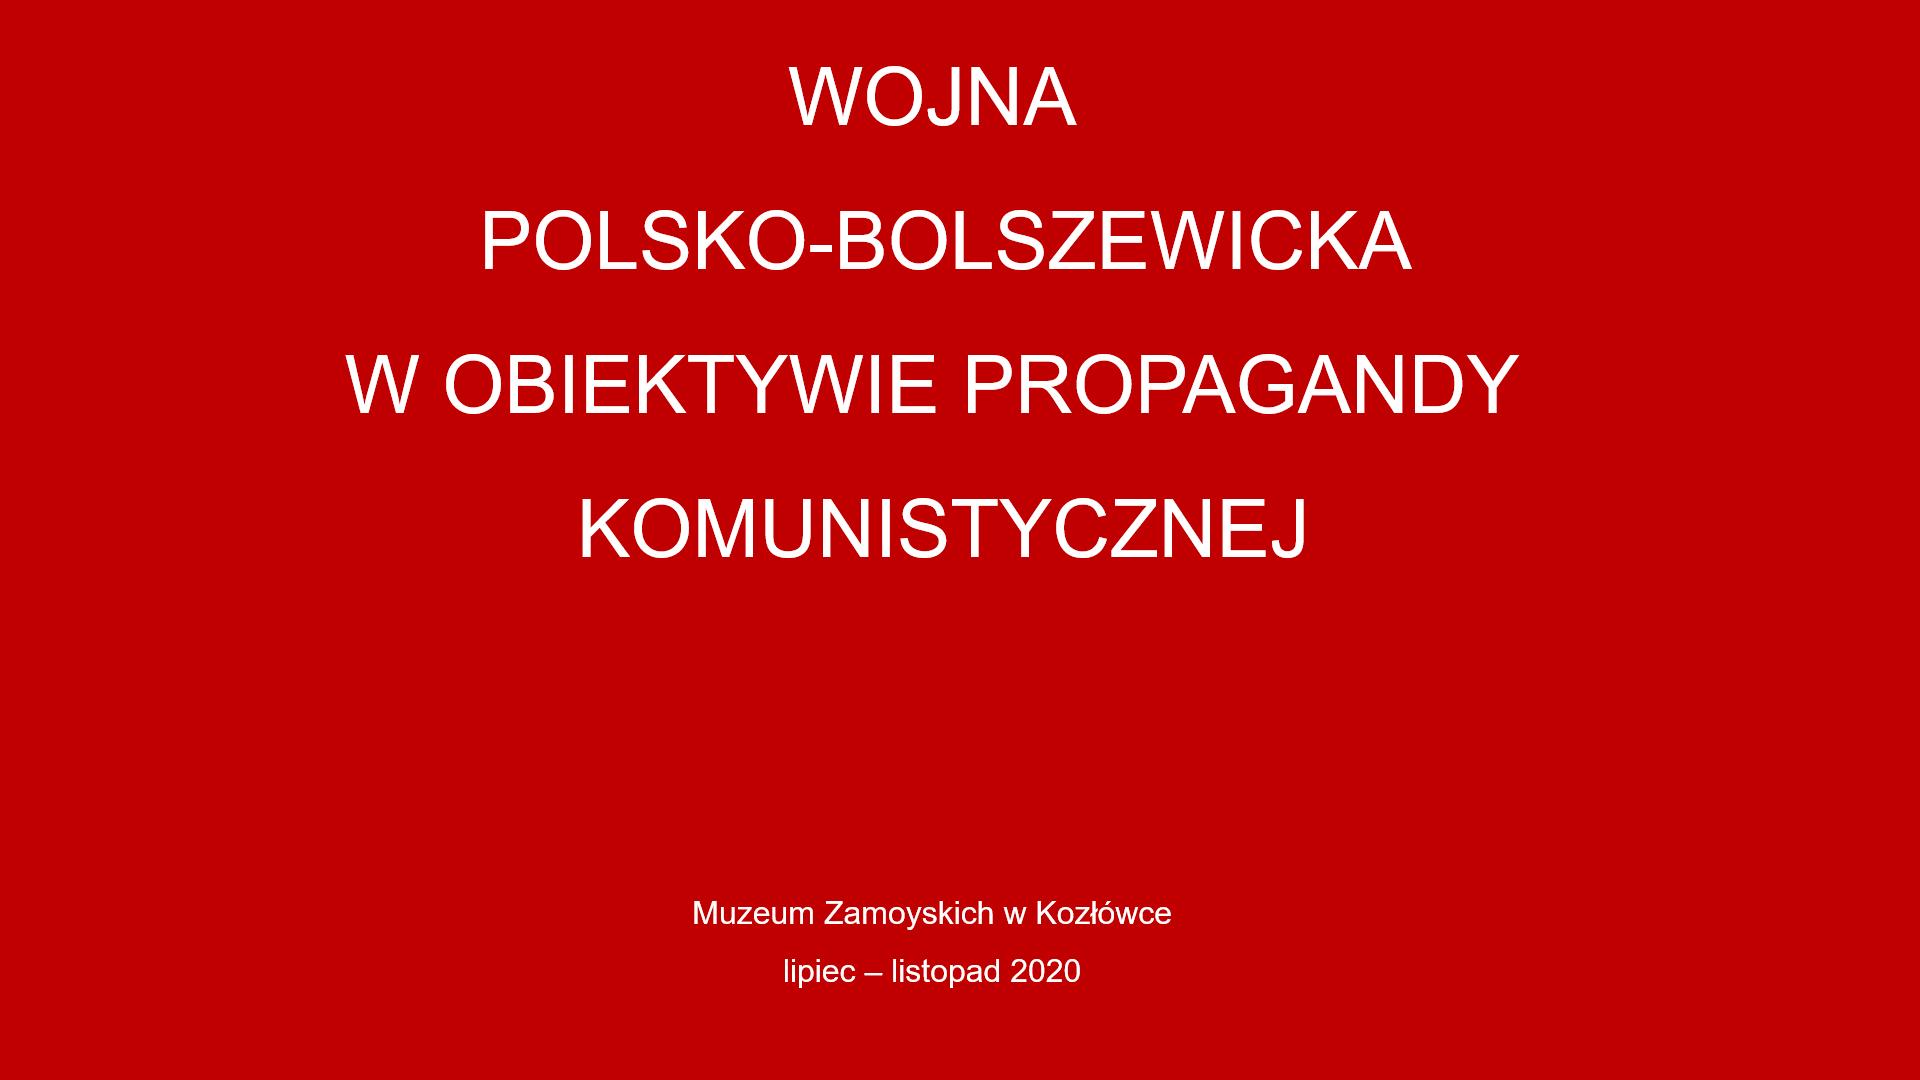 Plakat. Czerwone tło a na nim biały napis: wojna polsko-bolszewicka w obiektywie propagandy komunistycznej. Muzeum Zamoyskich w Kozłówce, lipiec – listopad 2020.